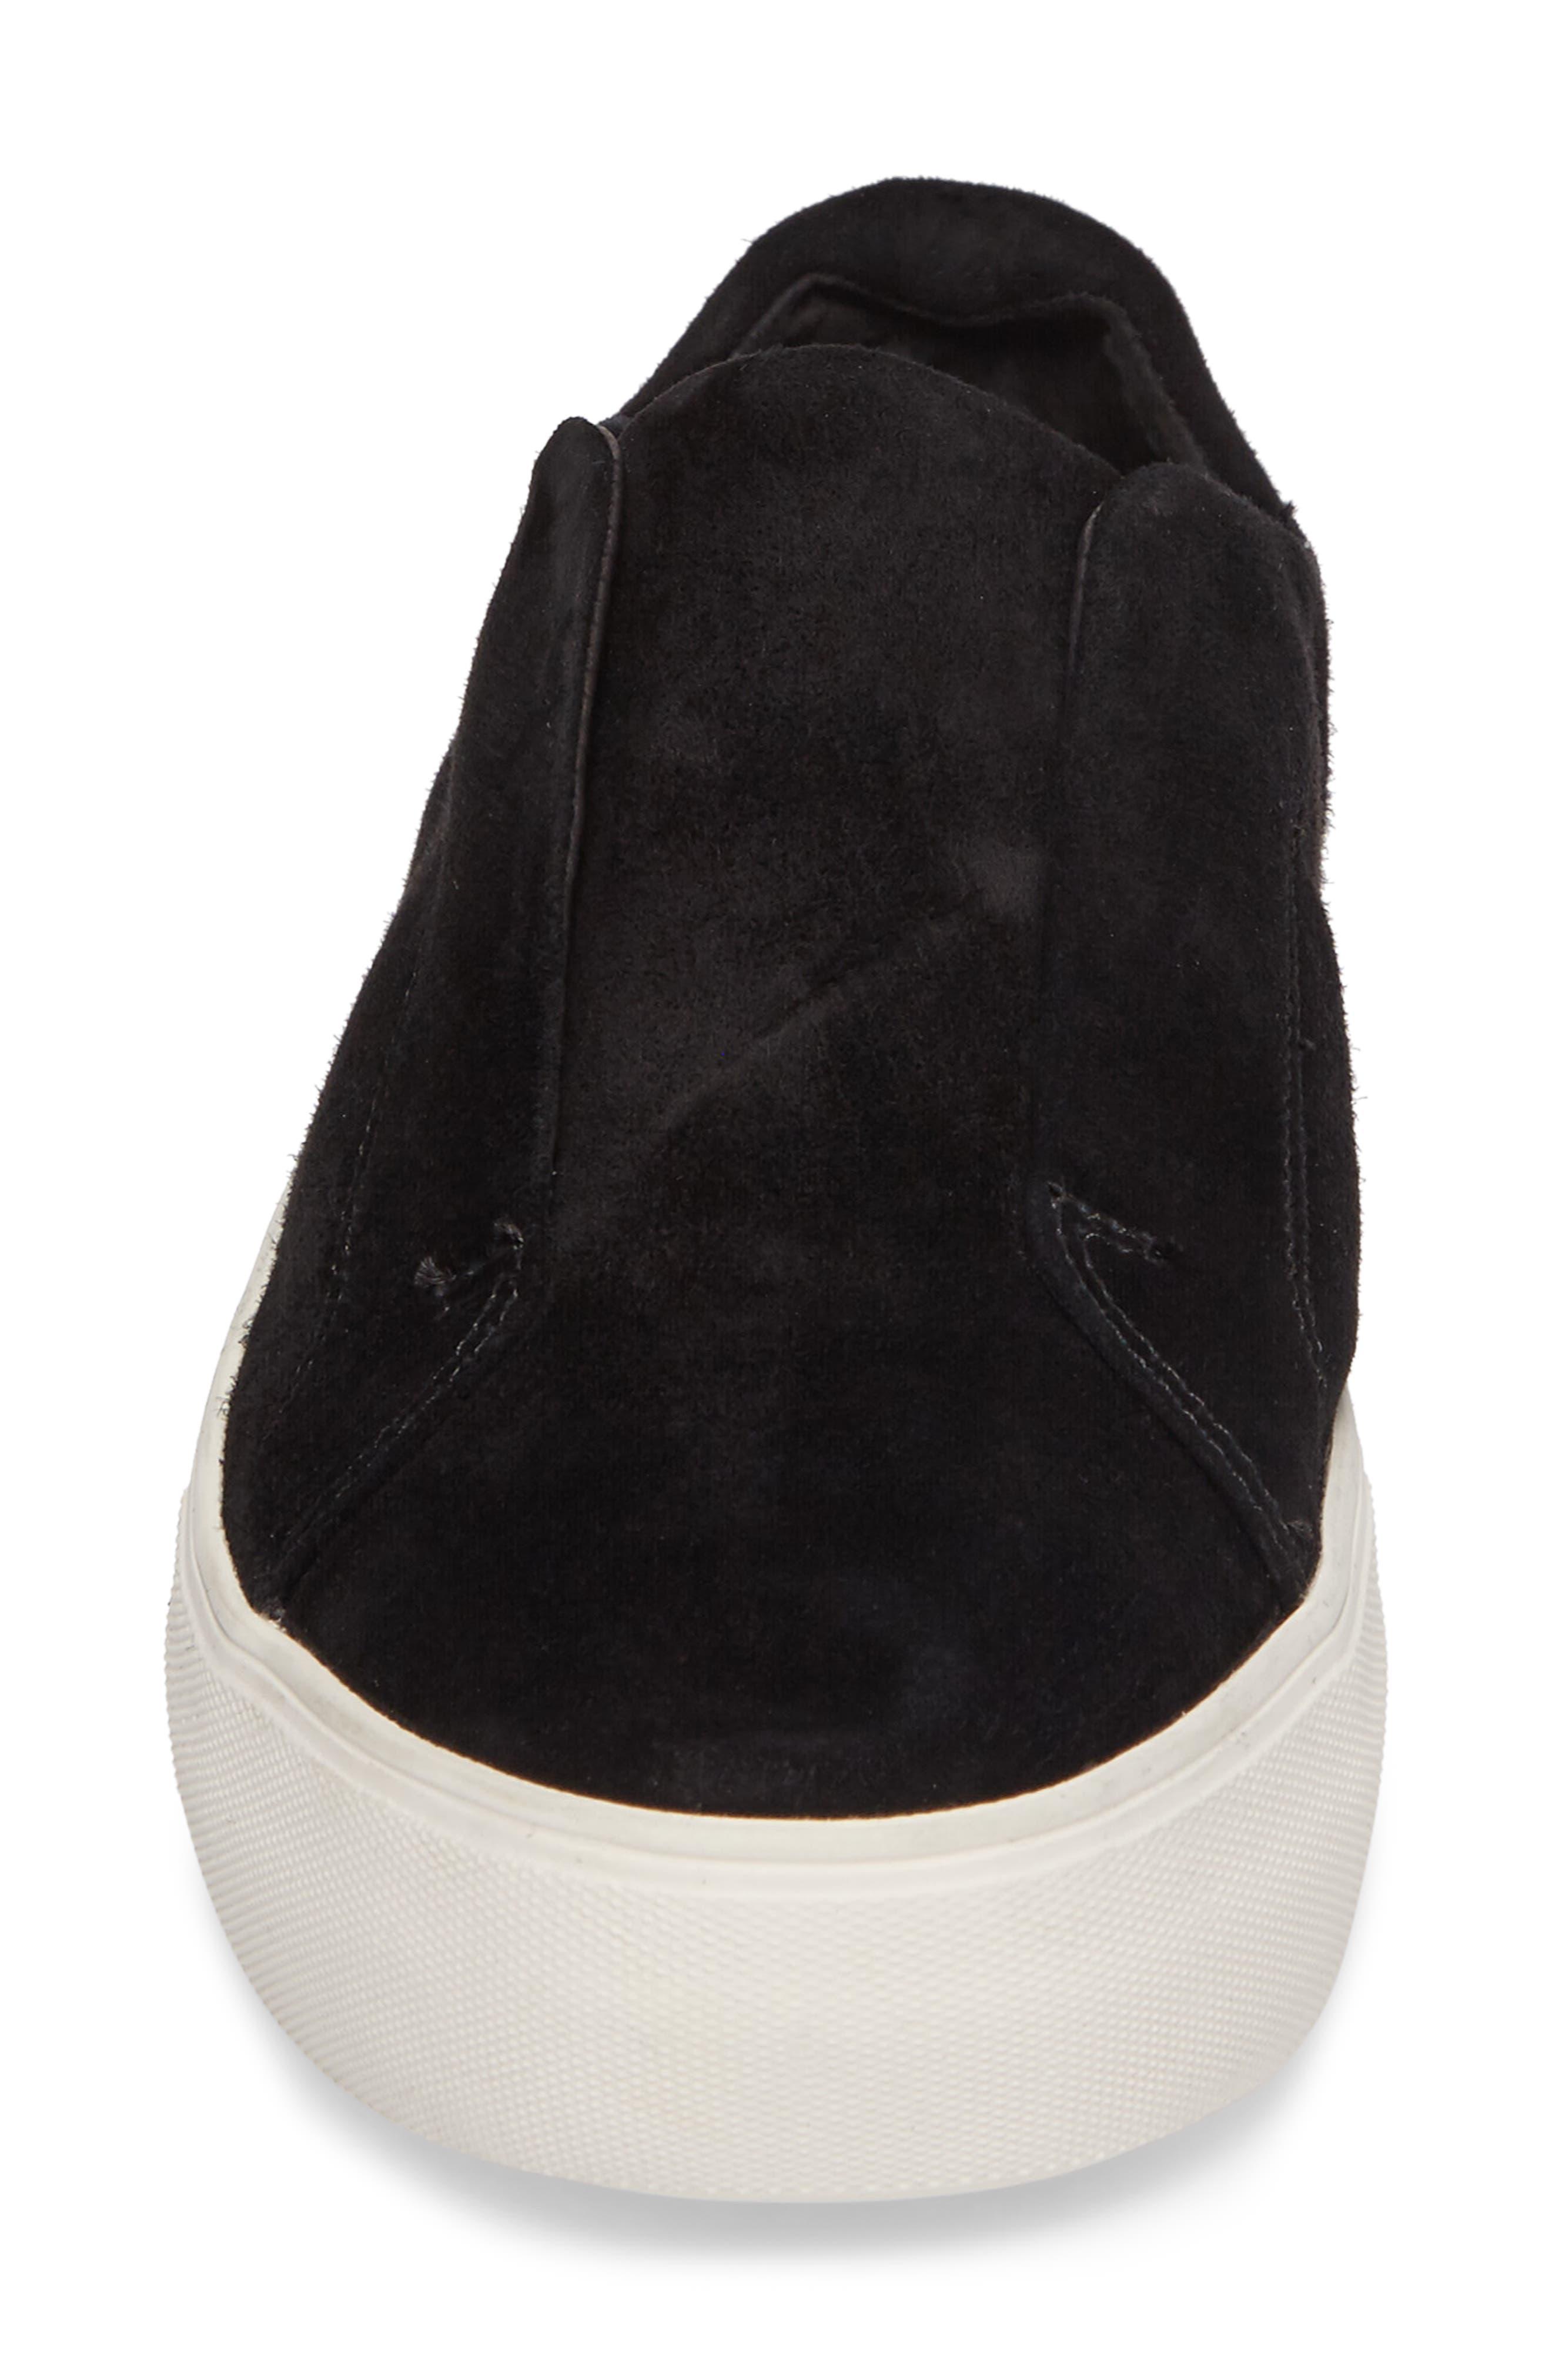 JSLIDES, Alara Slip-On Sneaker, Alternate thumbnail 4, color, 002